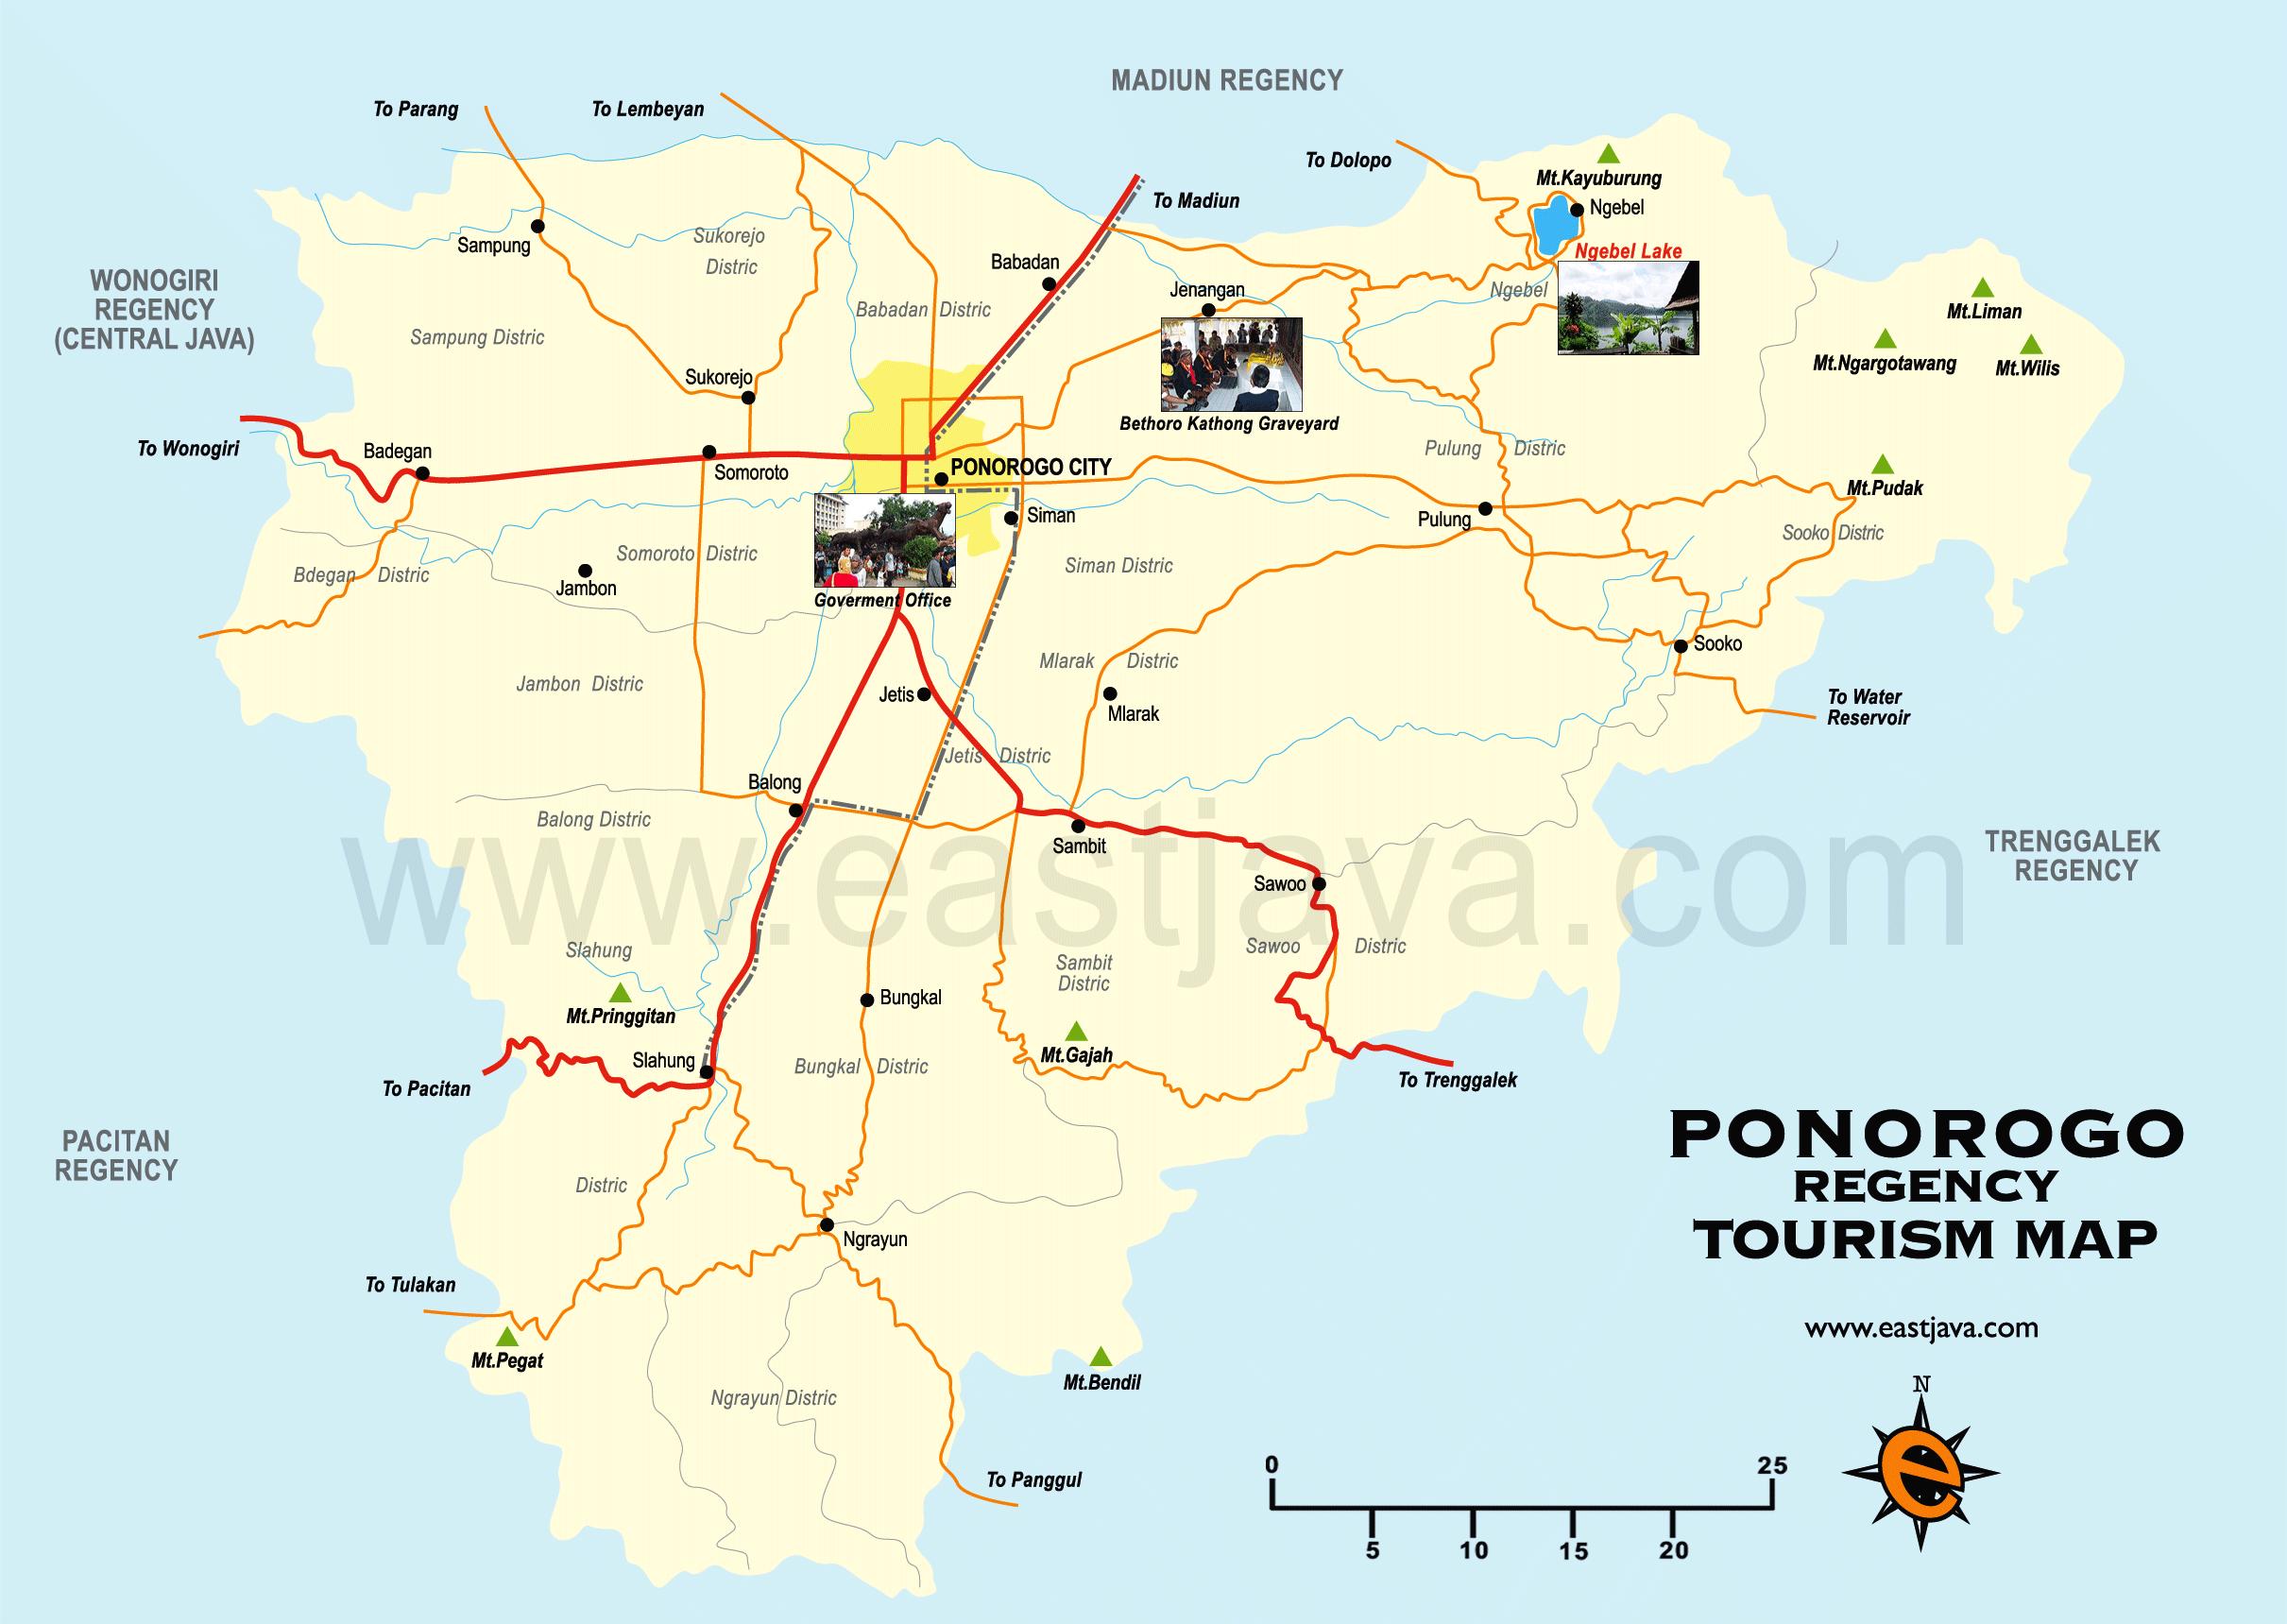 Ponorogo Map Peta Kabupaten Google Taman Wisata Ngembag Kab